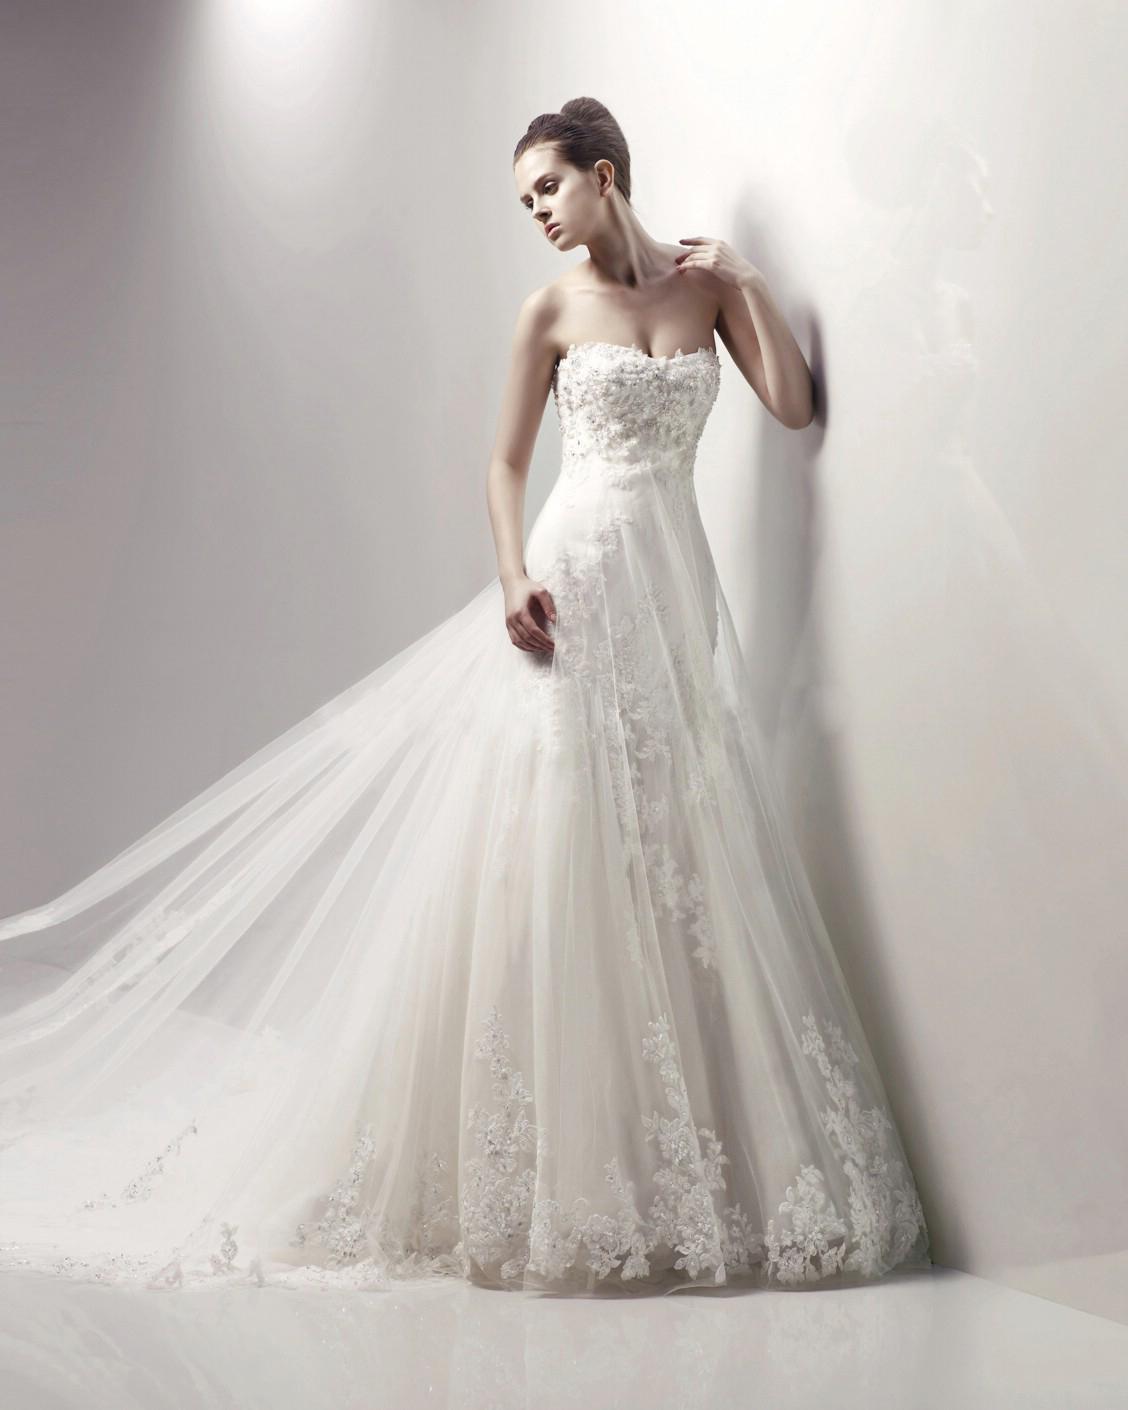 Wedding Saloon :: платья свадебные, фото, 2013 - Свадебные платья